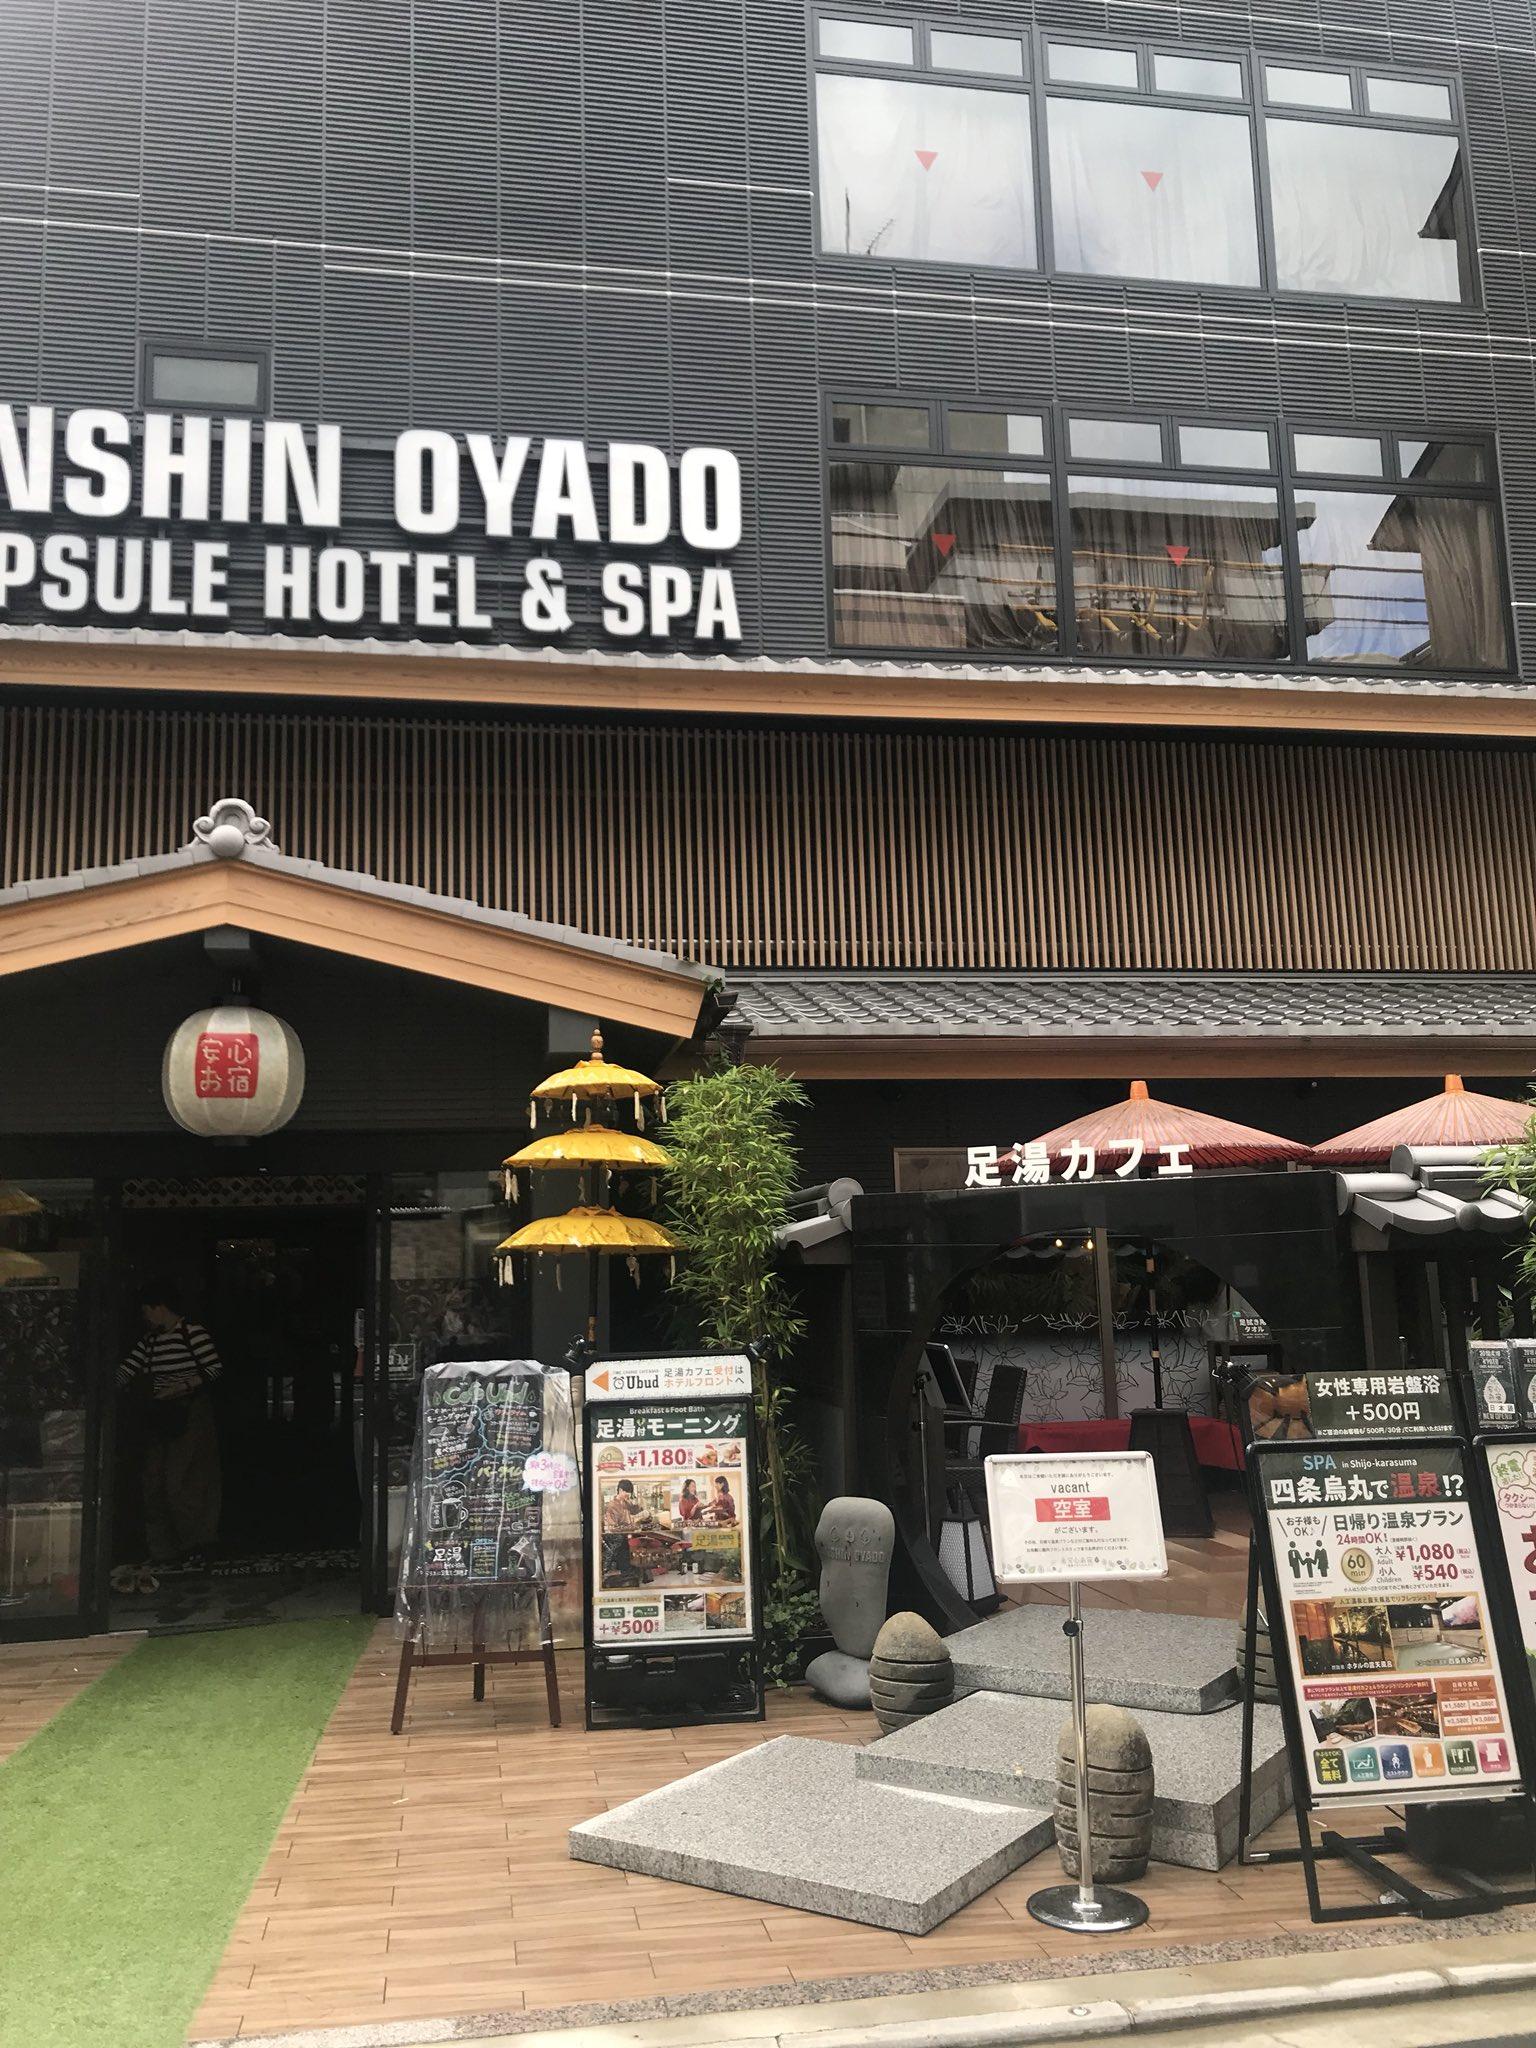 あ、あの、京都で安く泊まるならどこって聞かれたら、迷わずここ【豪華カプセルホテル】をオススメするんだが、ホンマにヤバい。 ・女性専用フロア完備【オートロック】・朝食付き・好きなシャンプーまで選べる豊富なアメニティ・ソフトドリンク、漬け物、サプリメント飲み放題・漫画読み放題【続く】